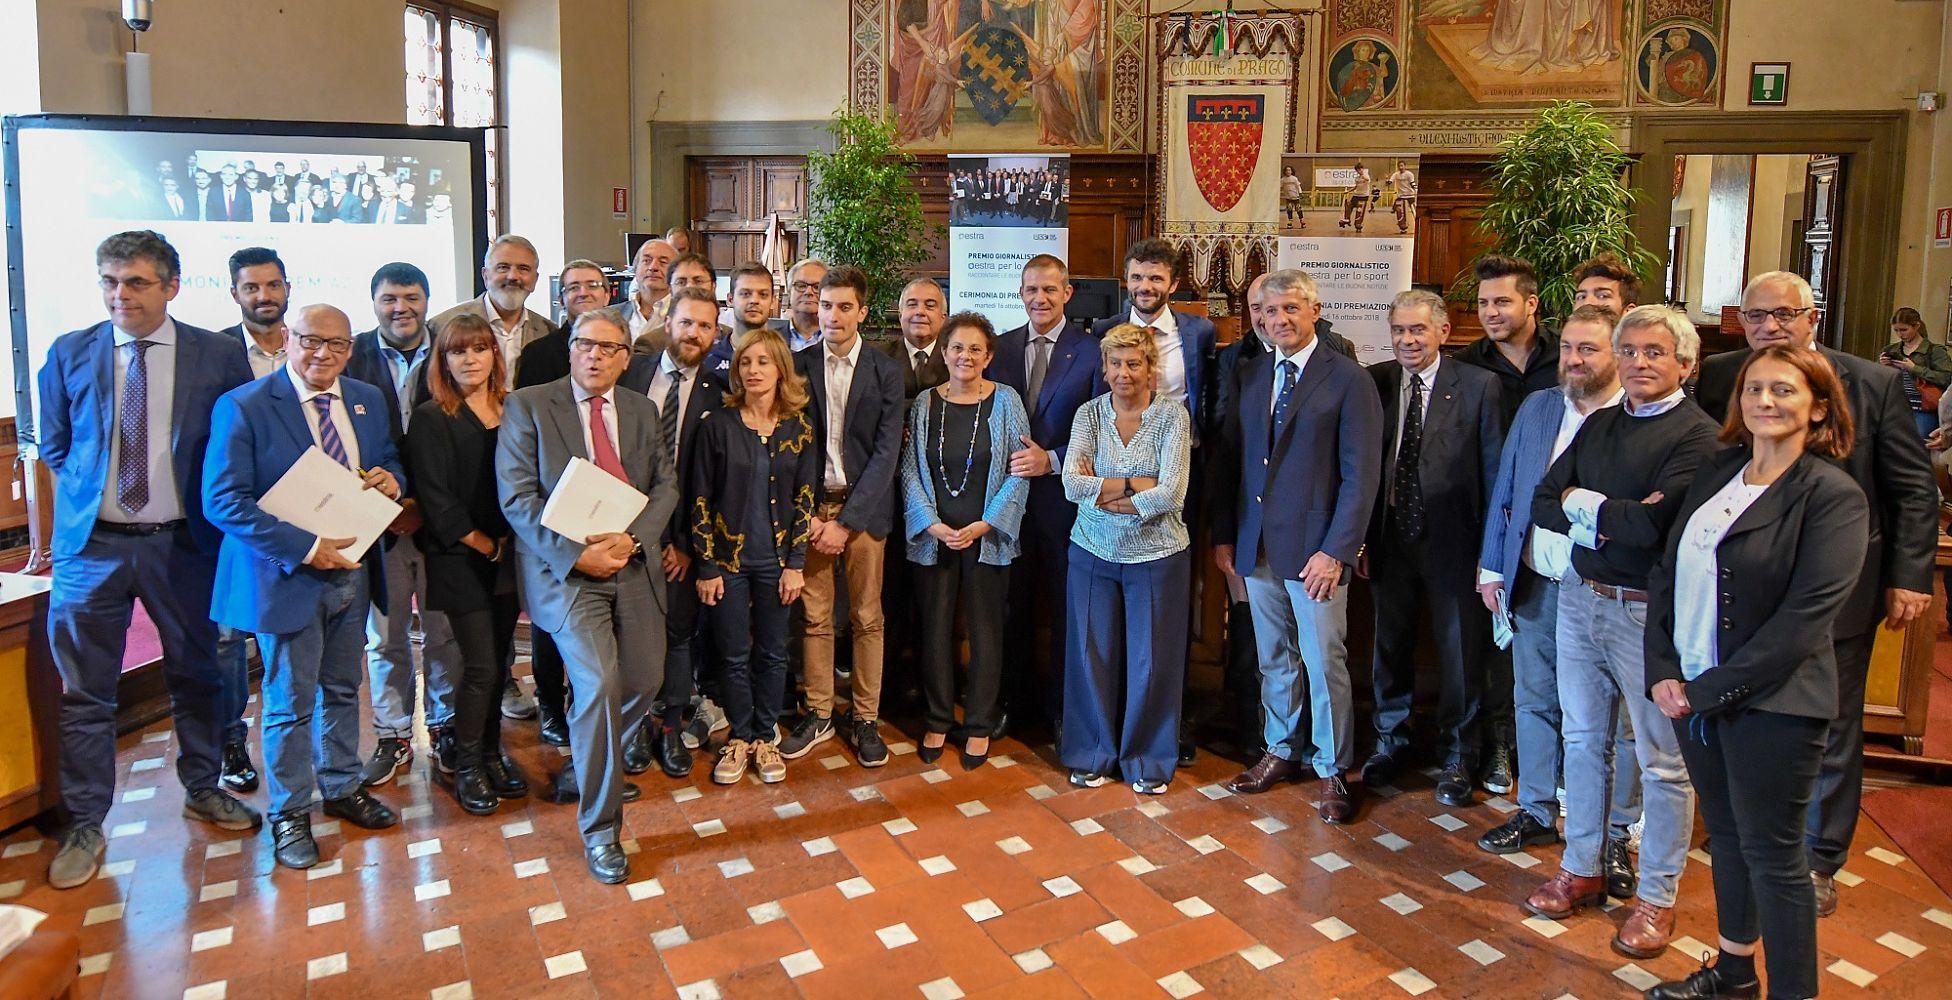 Gruppo premio giornalistico 2017 2018